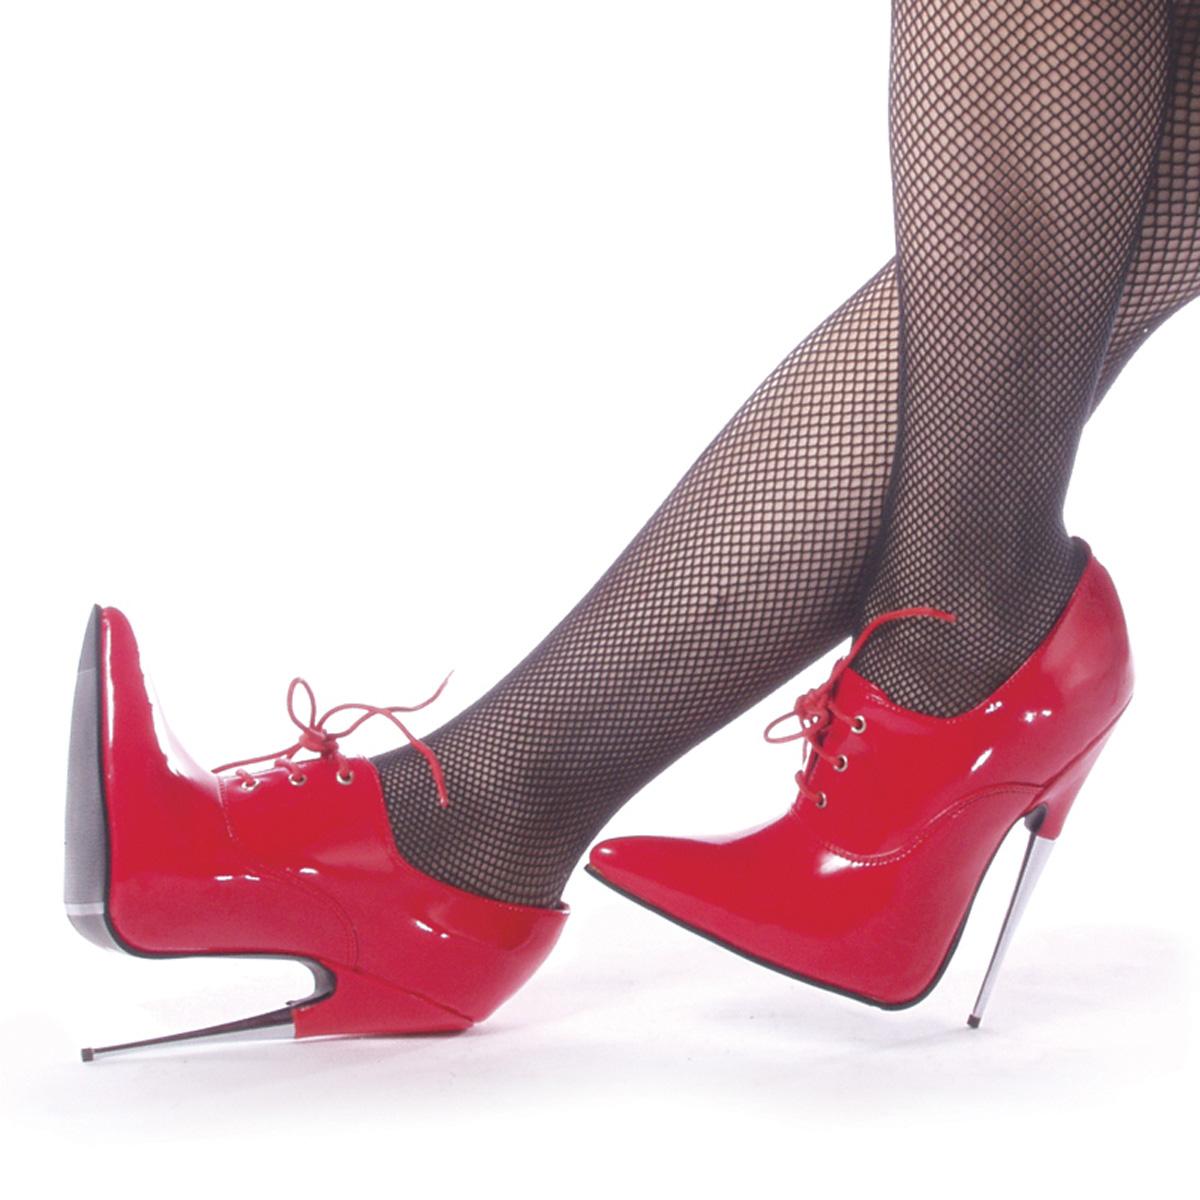 Фетишь женской обуви 19 фотография